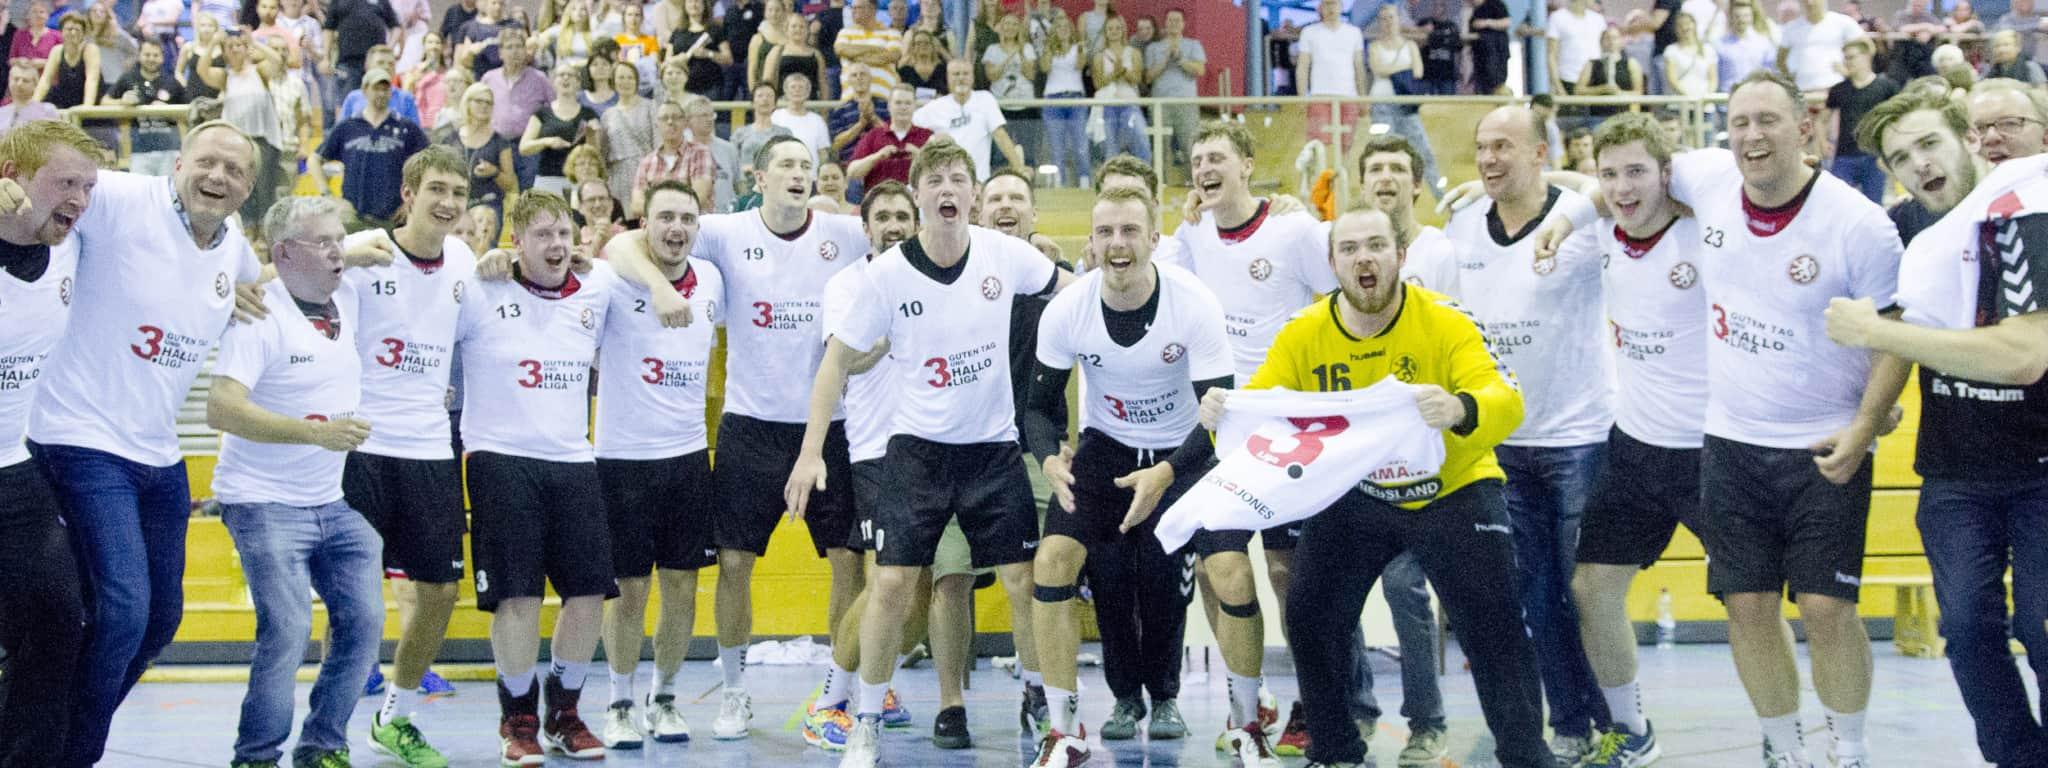 Die 1. Herren ist Meister der Oberliga Niedersachsen und steigt somit in die 3. Liga auf